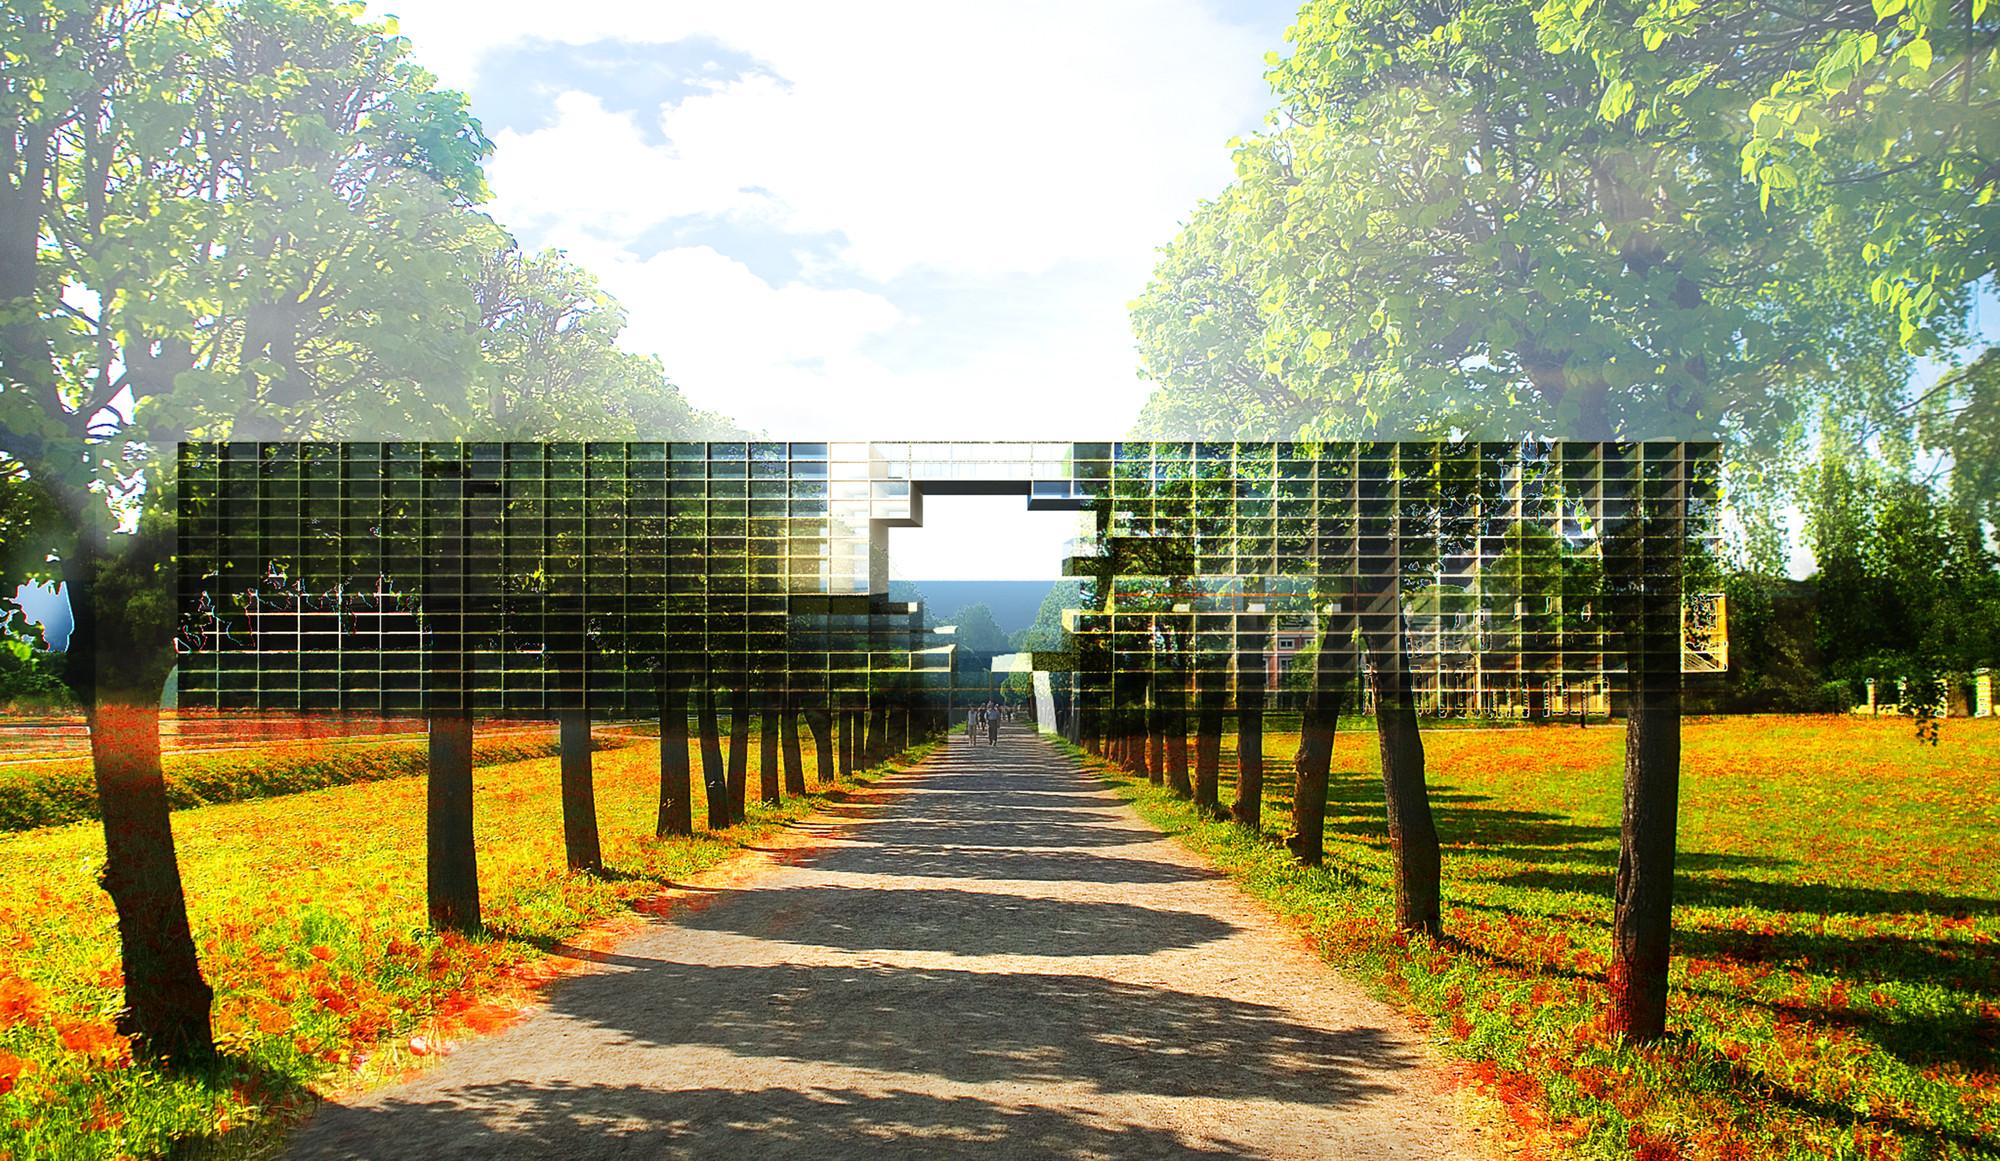 La ruta entre los edificios se convierte en una entrada clave al barrio. Imagen Cortesía de 3B2 (Alexandre Carpentier, Pauline Michaud & Dimtri Katsampalos)